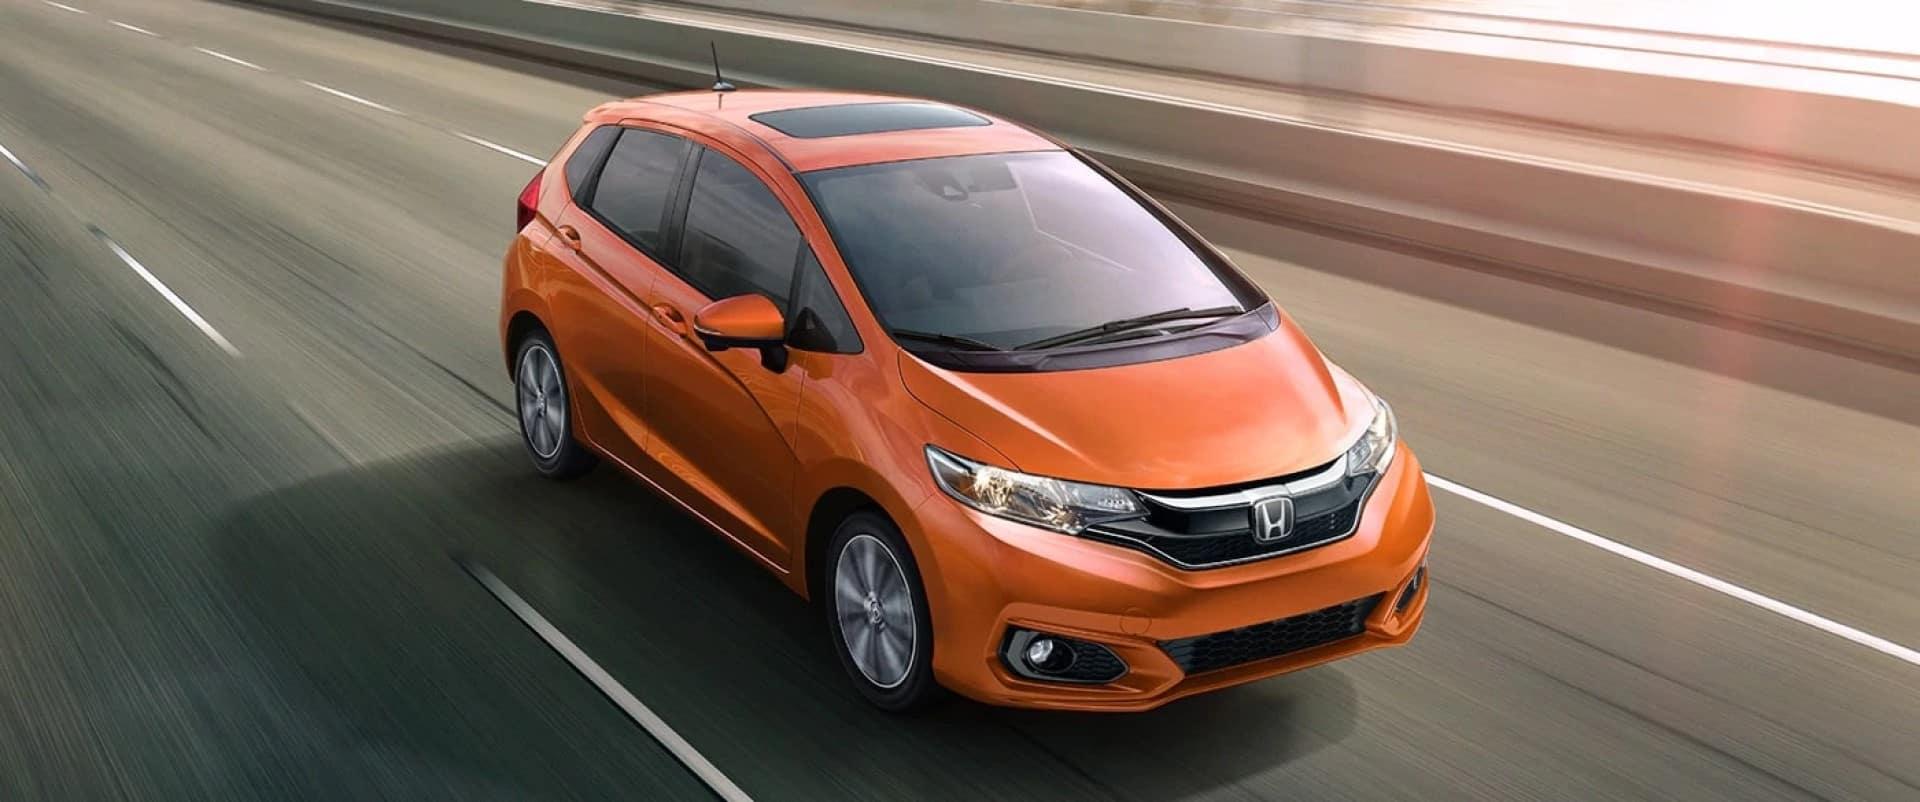 Honda_Fit_Orange_Driving